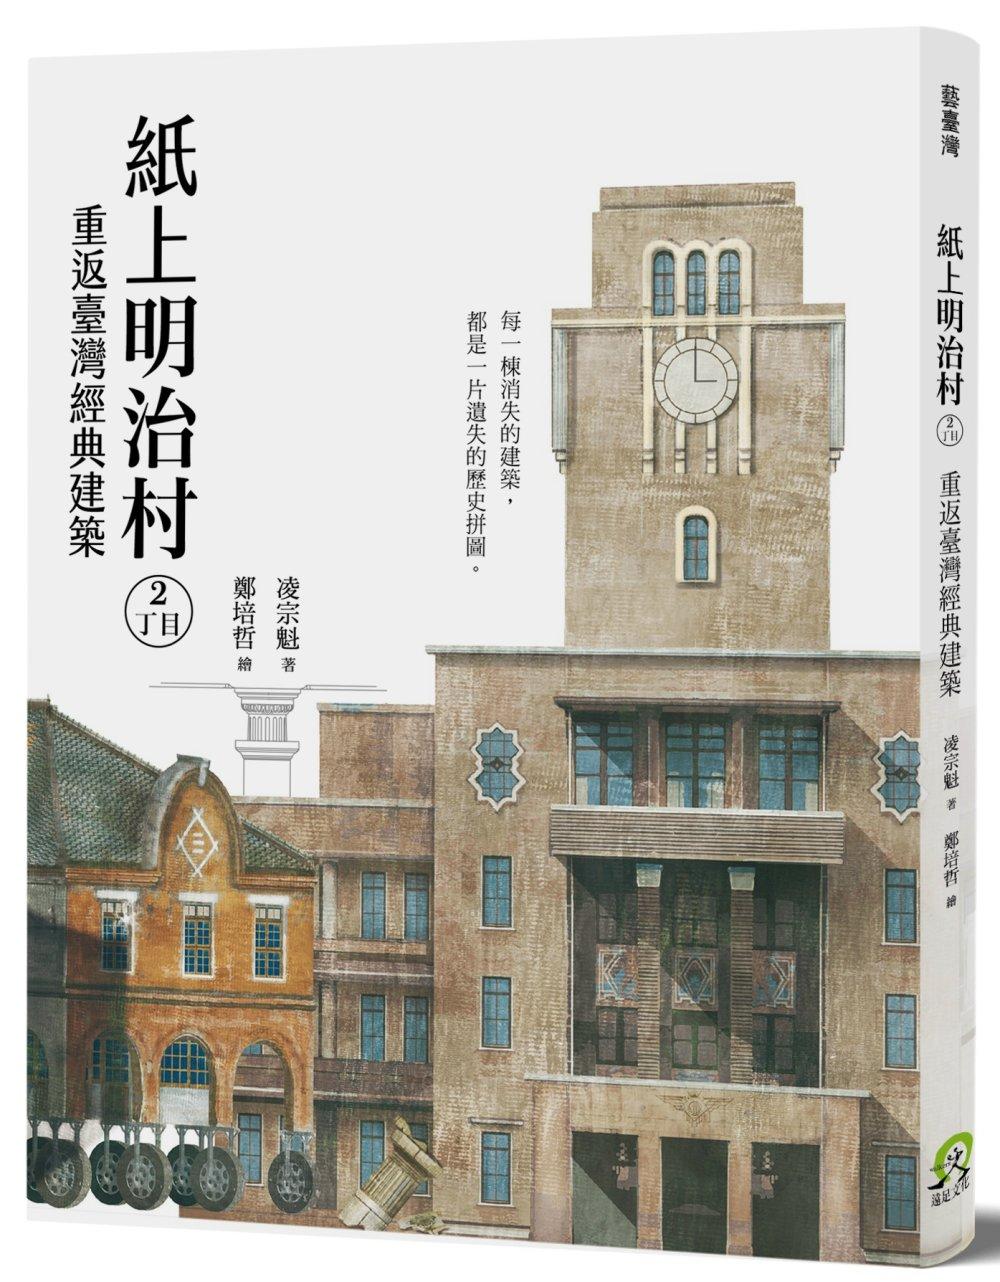 紙上明治村2丁目:重返臺灣經典建築(簽名版)